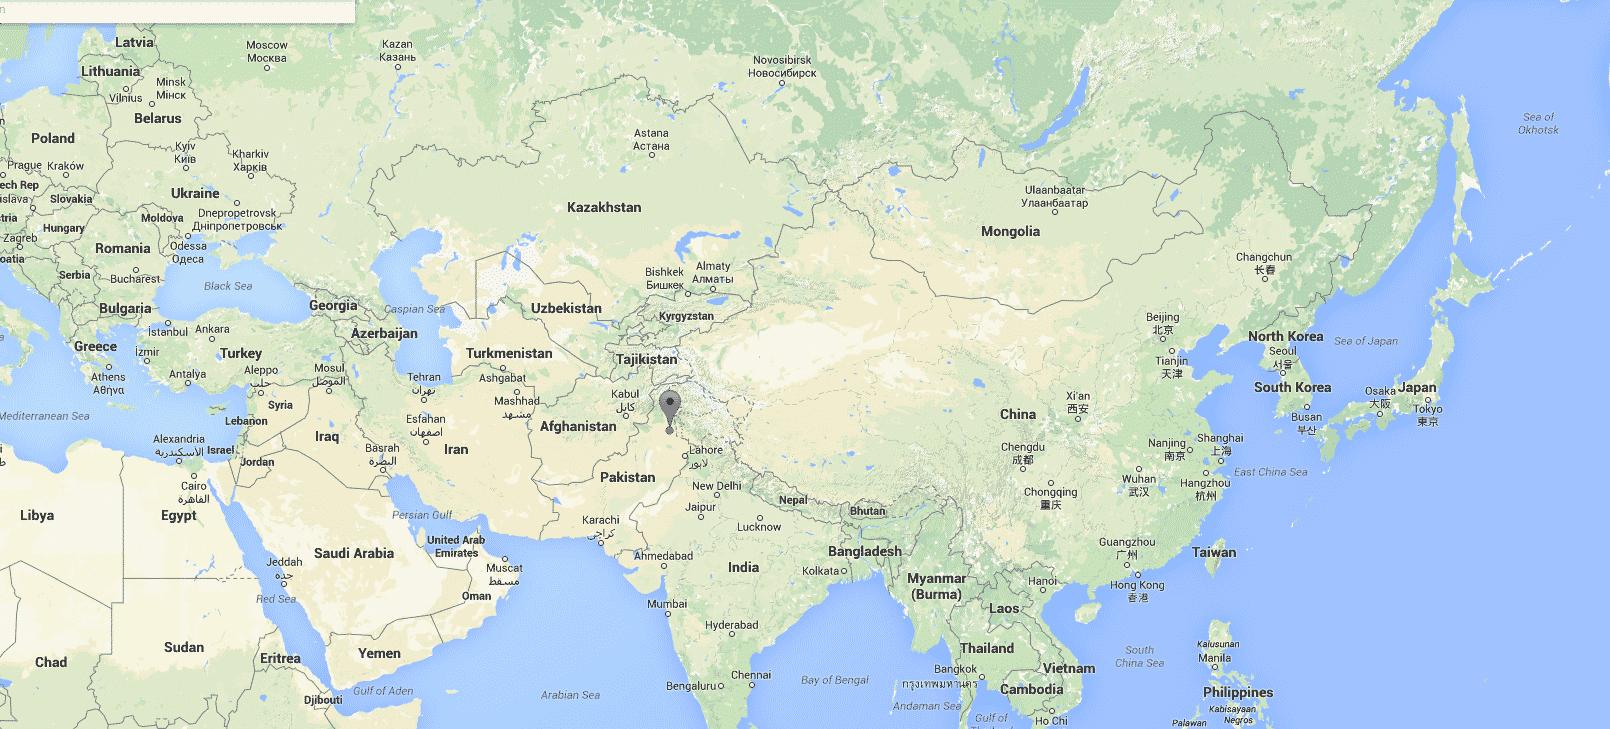 141 ضحكة تقنية : تبول الأندرويد على أبل في باكستان باستخدام Map Maker